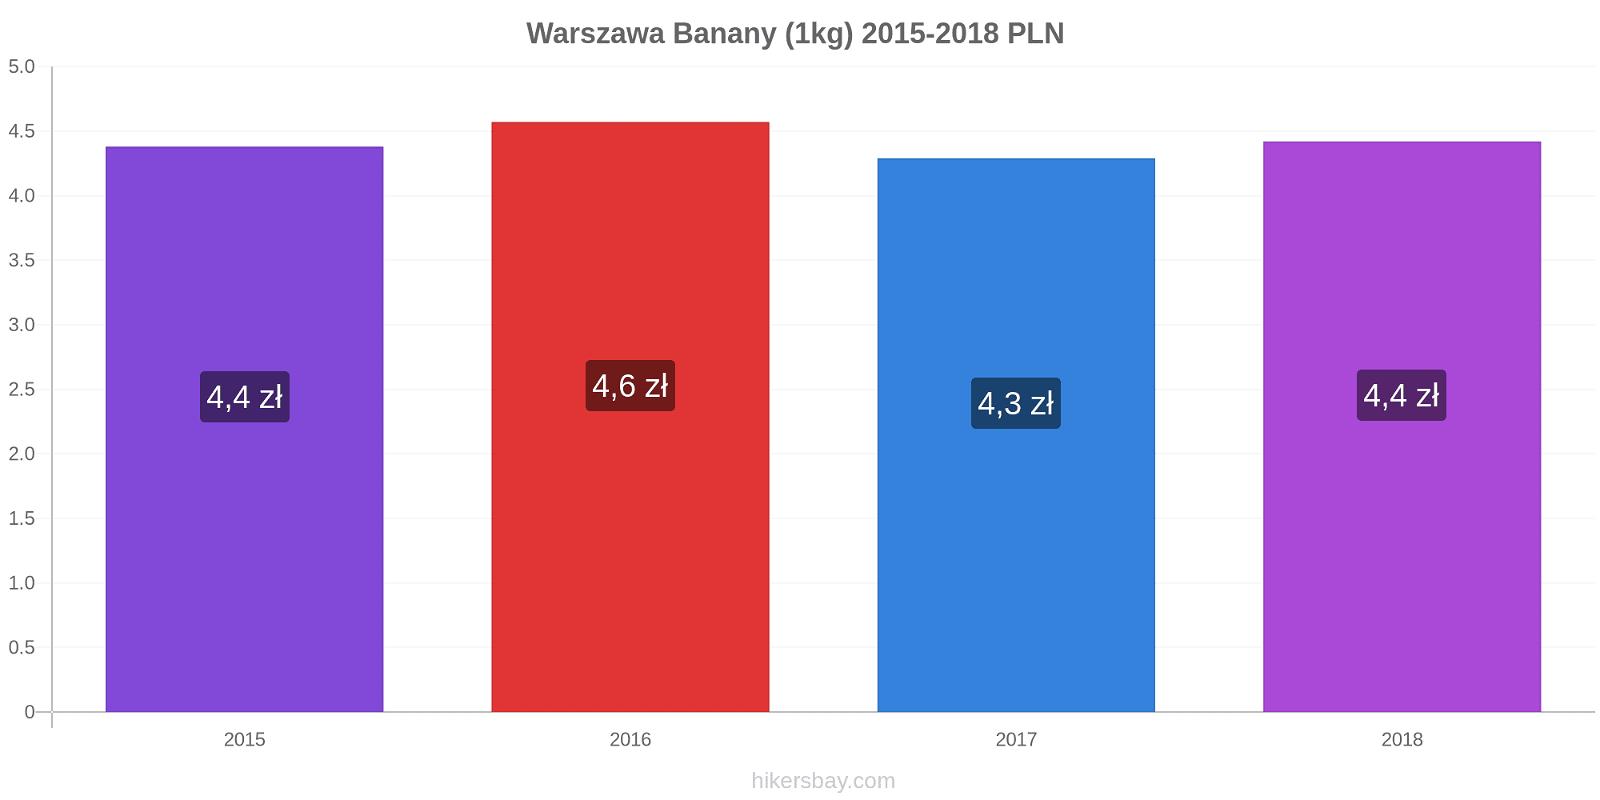 Warszawa zmiany cen Banany (1kg) hikersbay.com